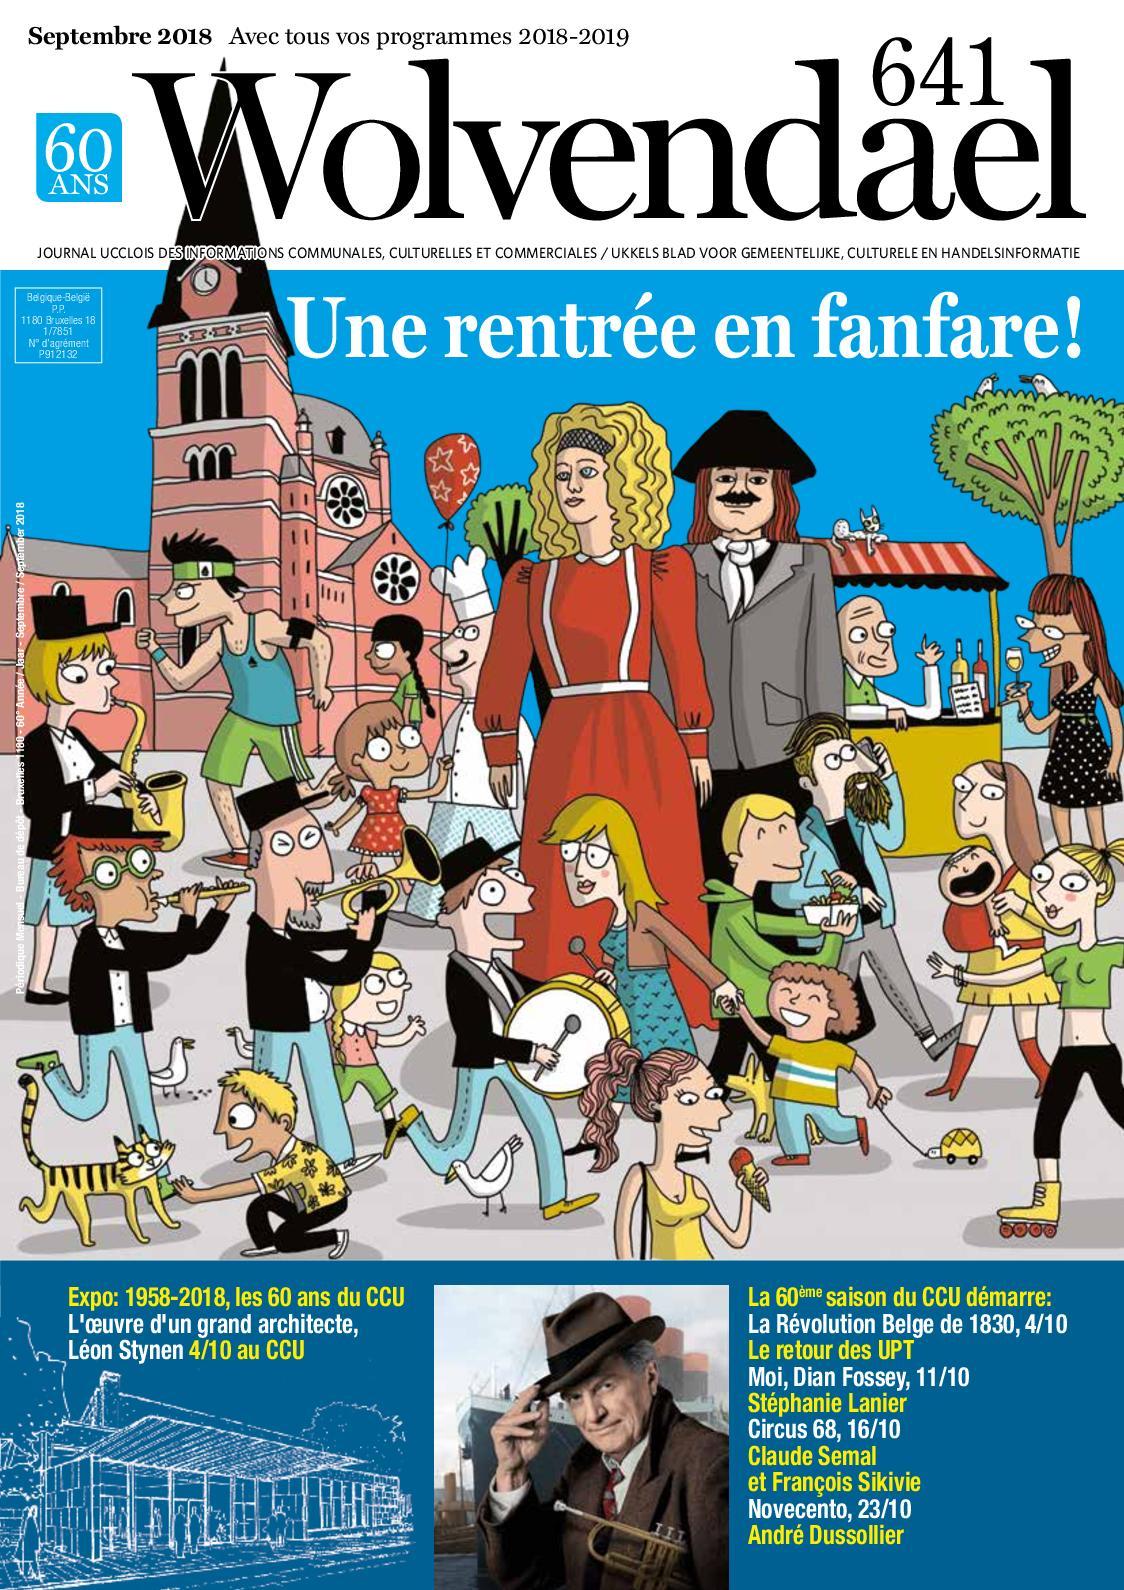 Calaméo Wolvendael Magazine N641 Septembre 2018